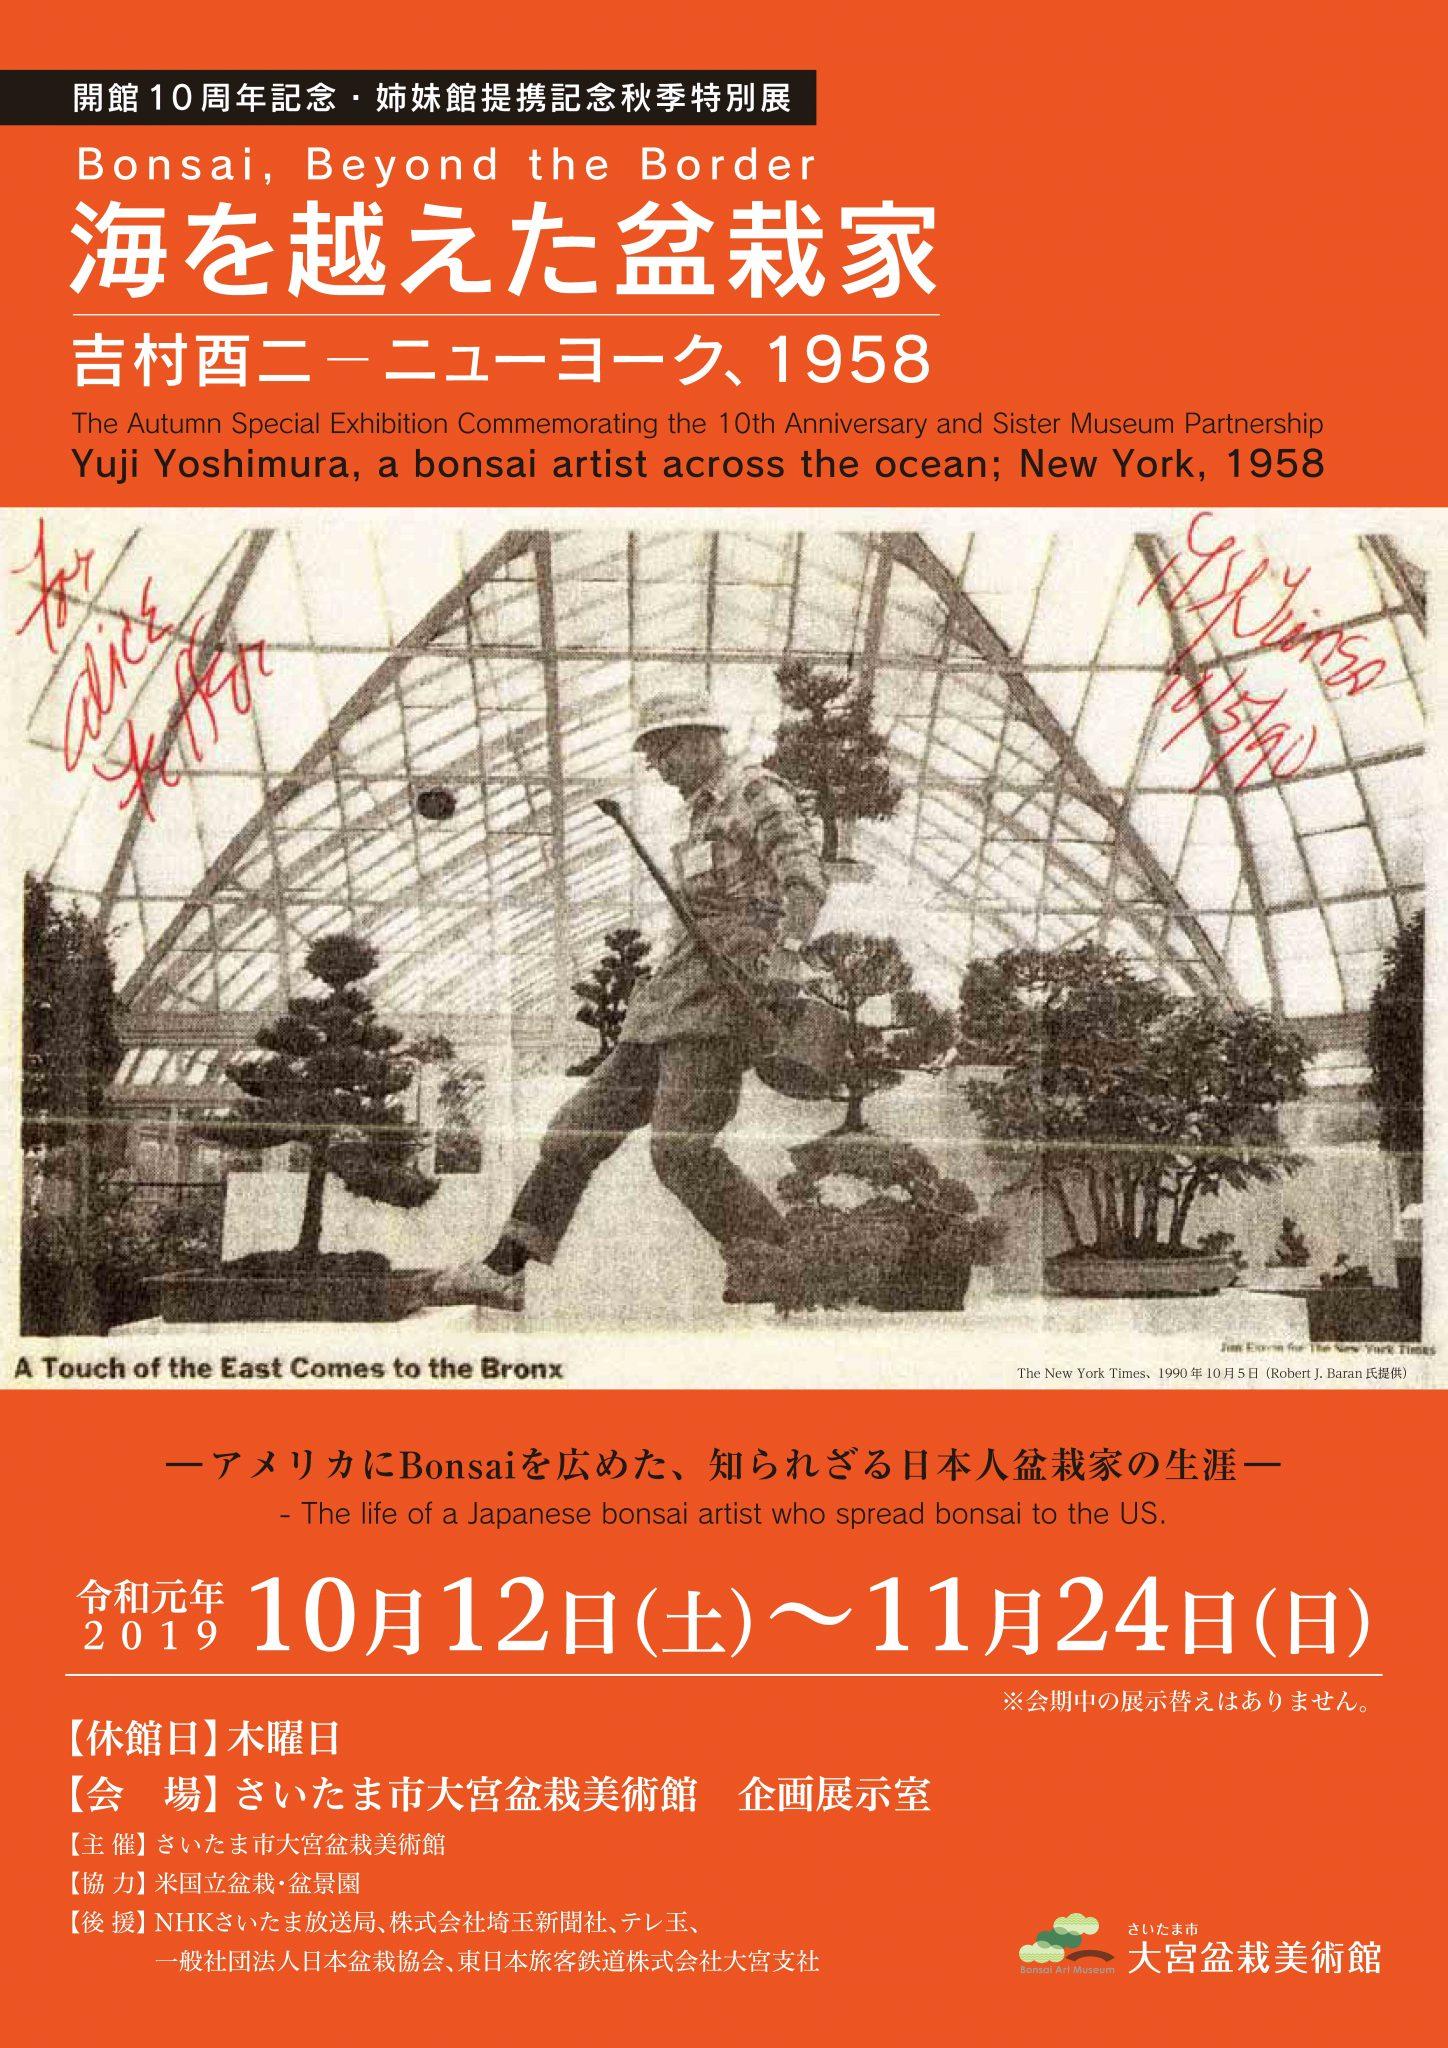 開館10周年・姉妹館提携記念秋季特別展 Bonsai, Beyond the Border 海を越えた盆栽家 吉村酉二―ニューヨーク、1958